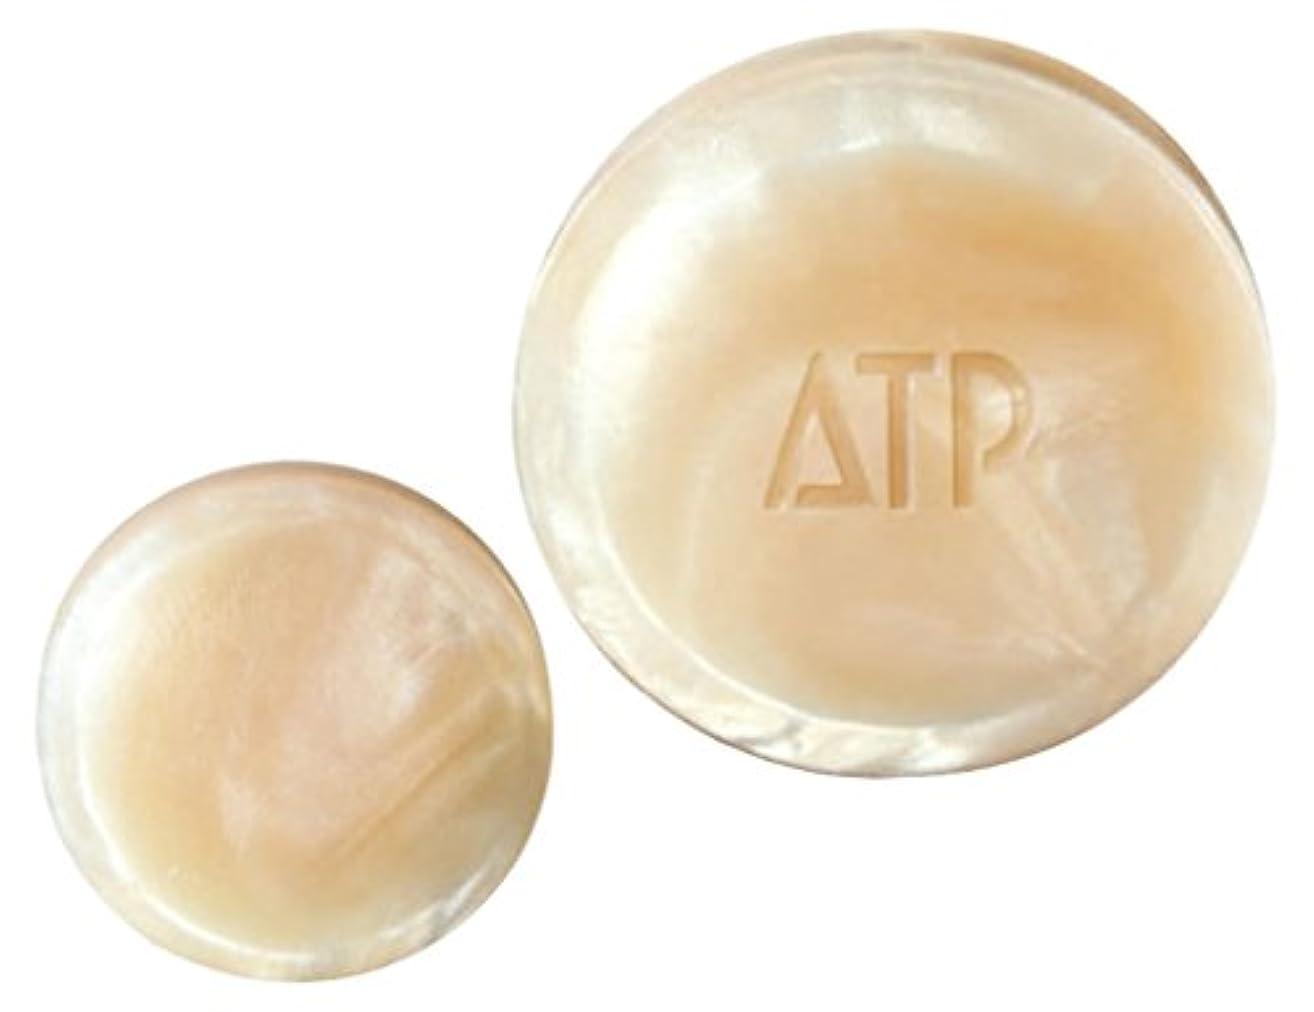 提案共和国抵抗する薬用ATP デリケアソープ 30g (全身用洗浄石けん?枠練り) [医薬部外品]